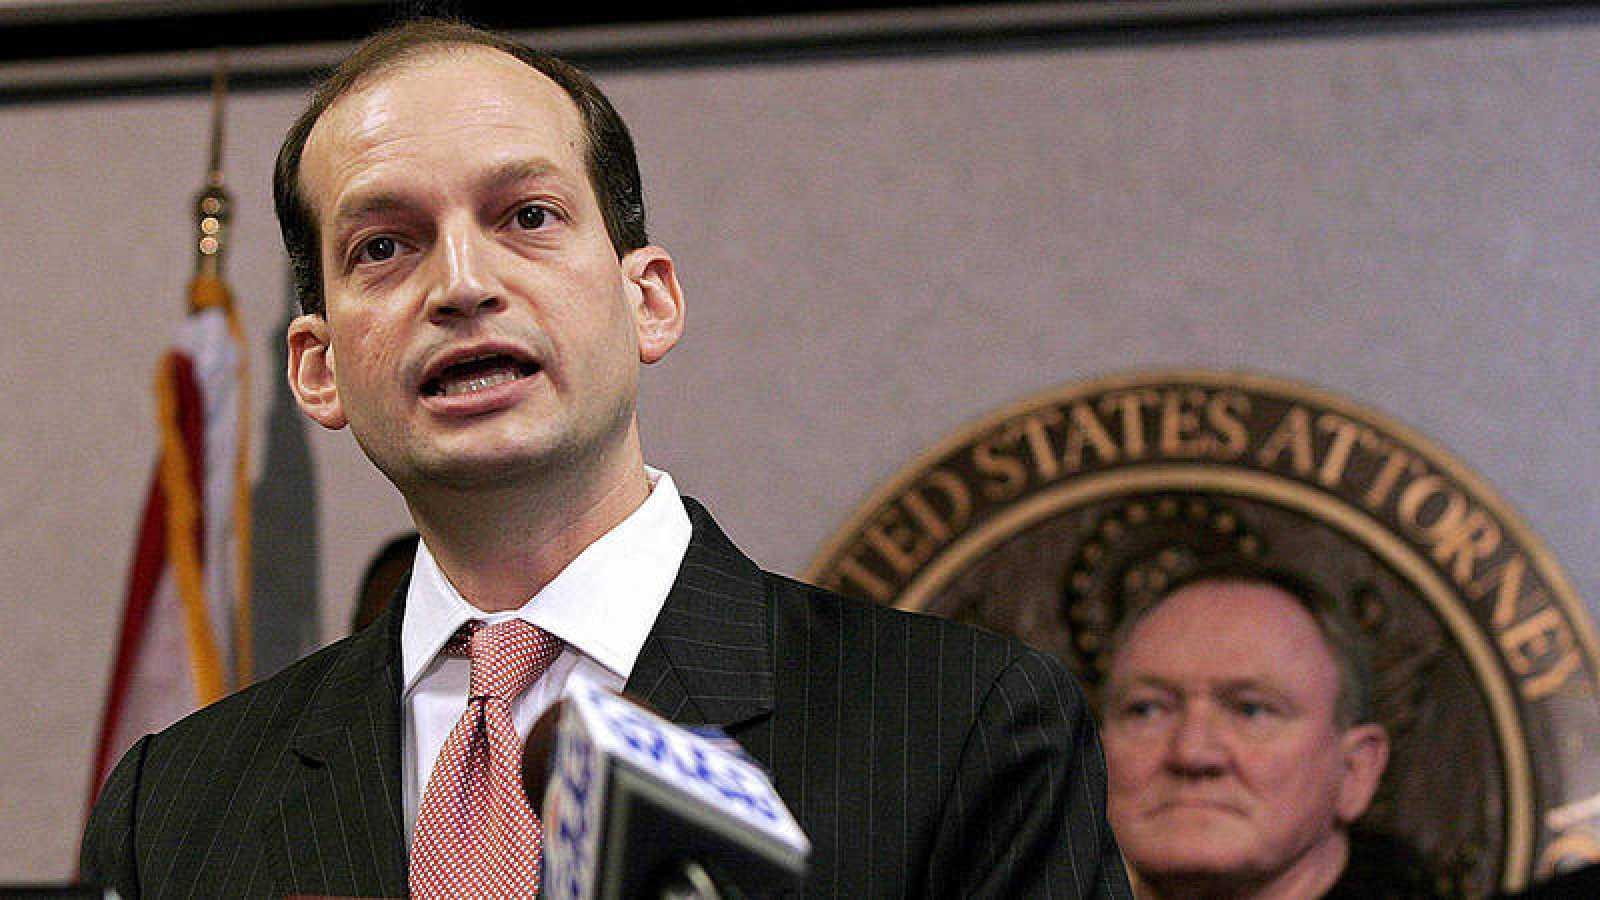 El abogado hispano y ex fiscal general de Miami, Alexander Acosta, nominado por el presidente estadounidense, Donald Trump, para encabezar el Departamento de Trabajo.